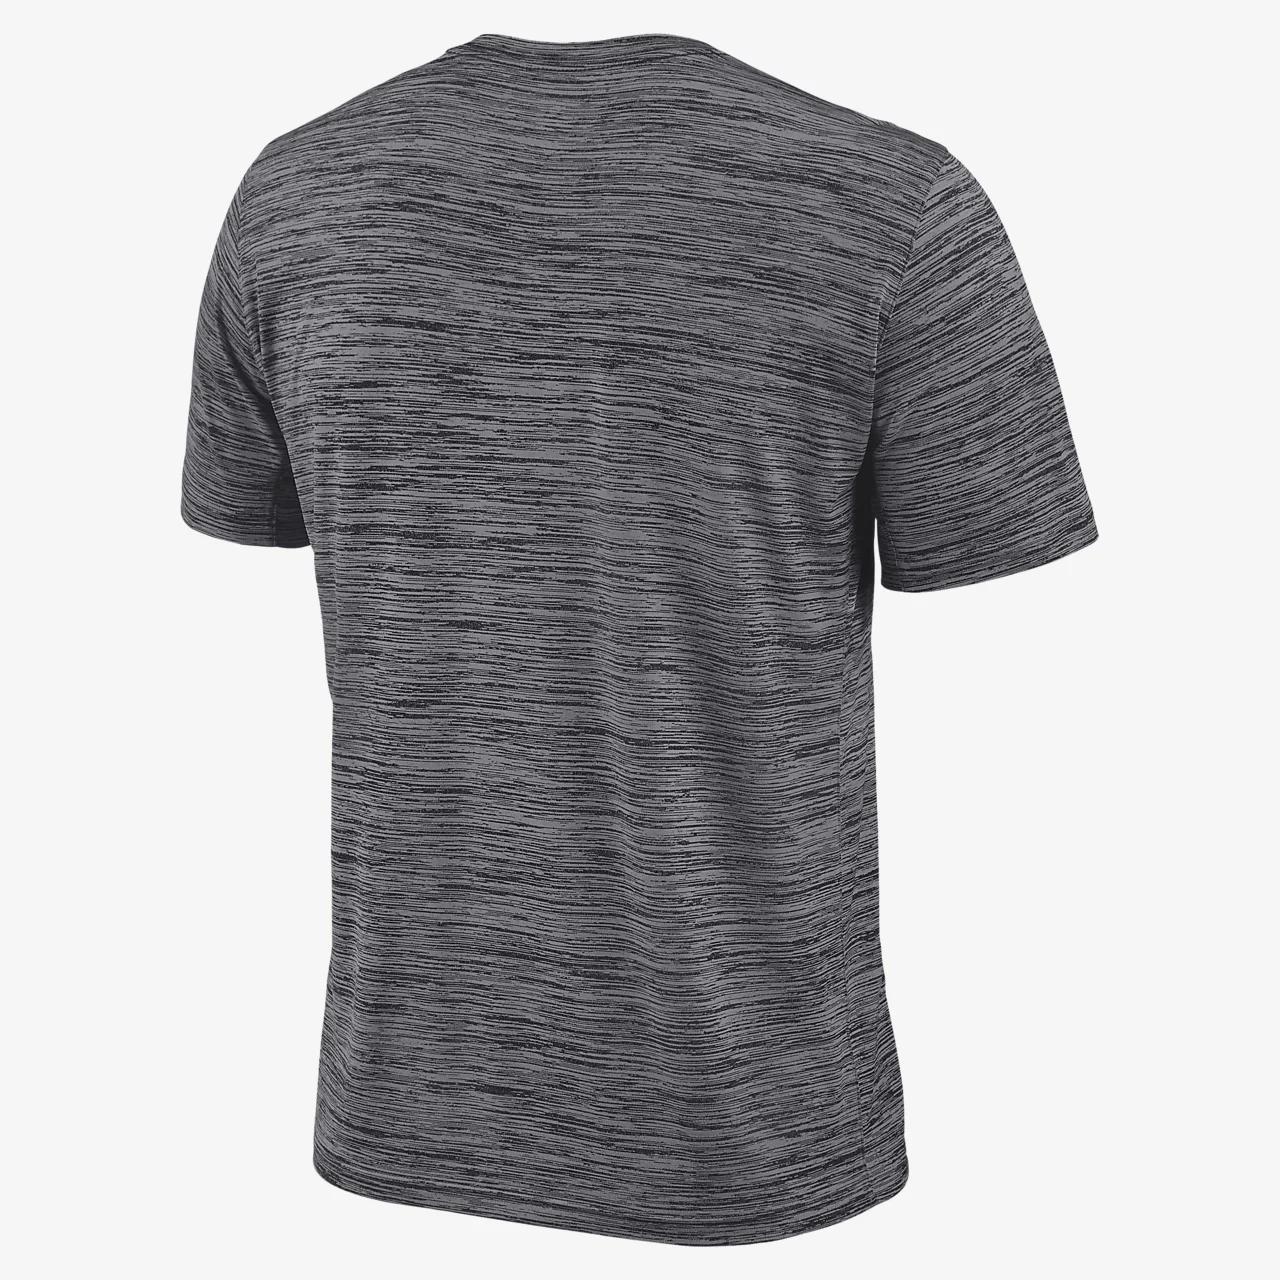 나이키 칼리지 드라이핏 벨로시티(앨라배마) 남성 티셔츠 CT7587-021